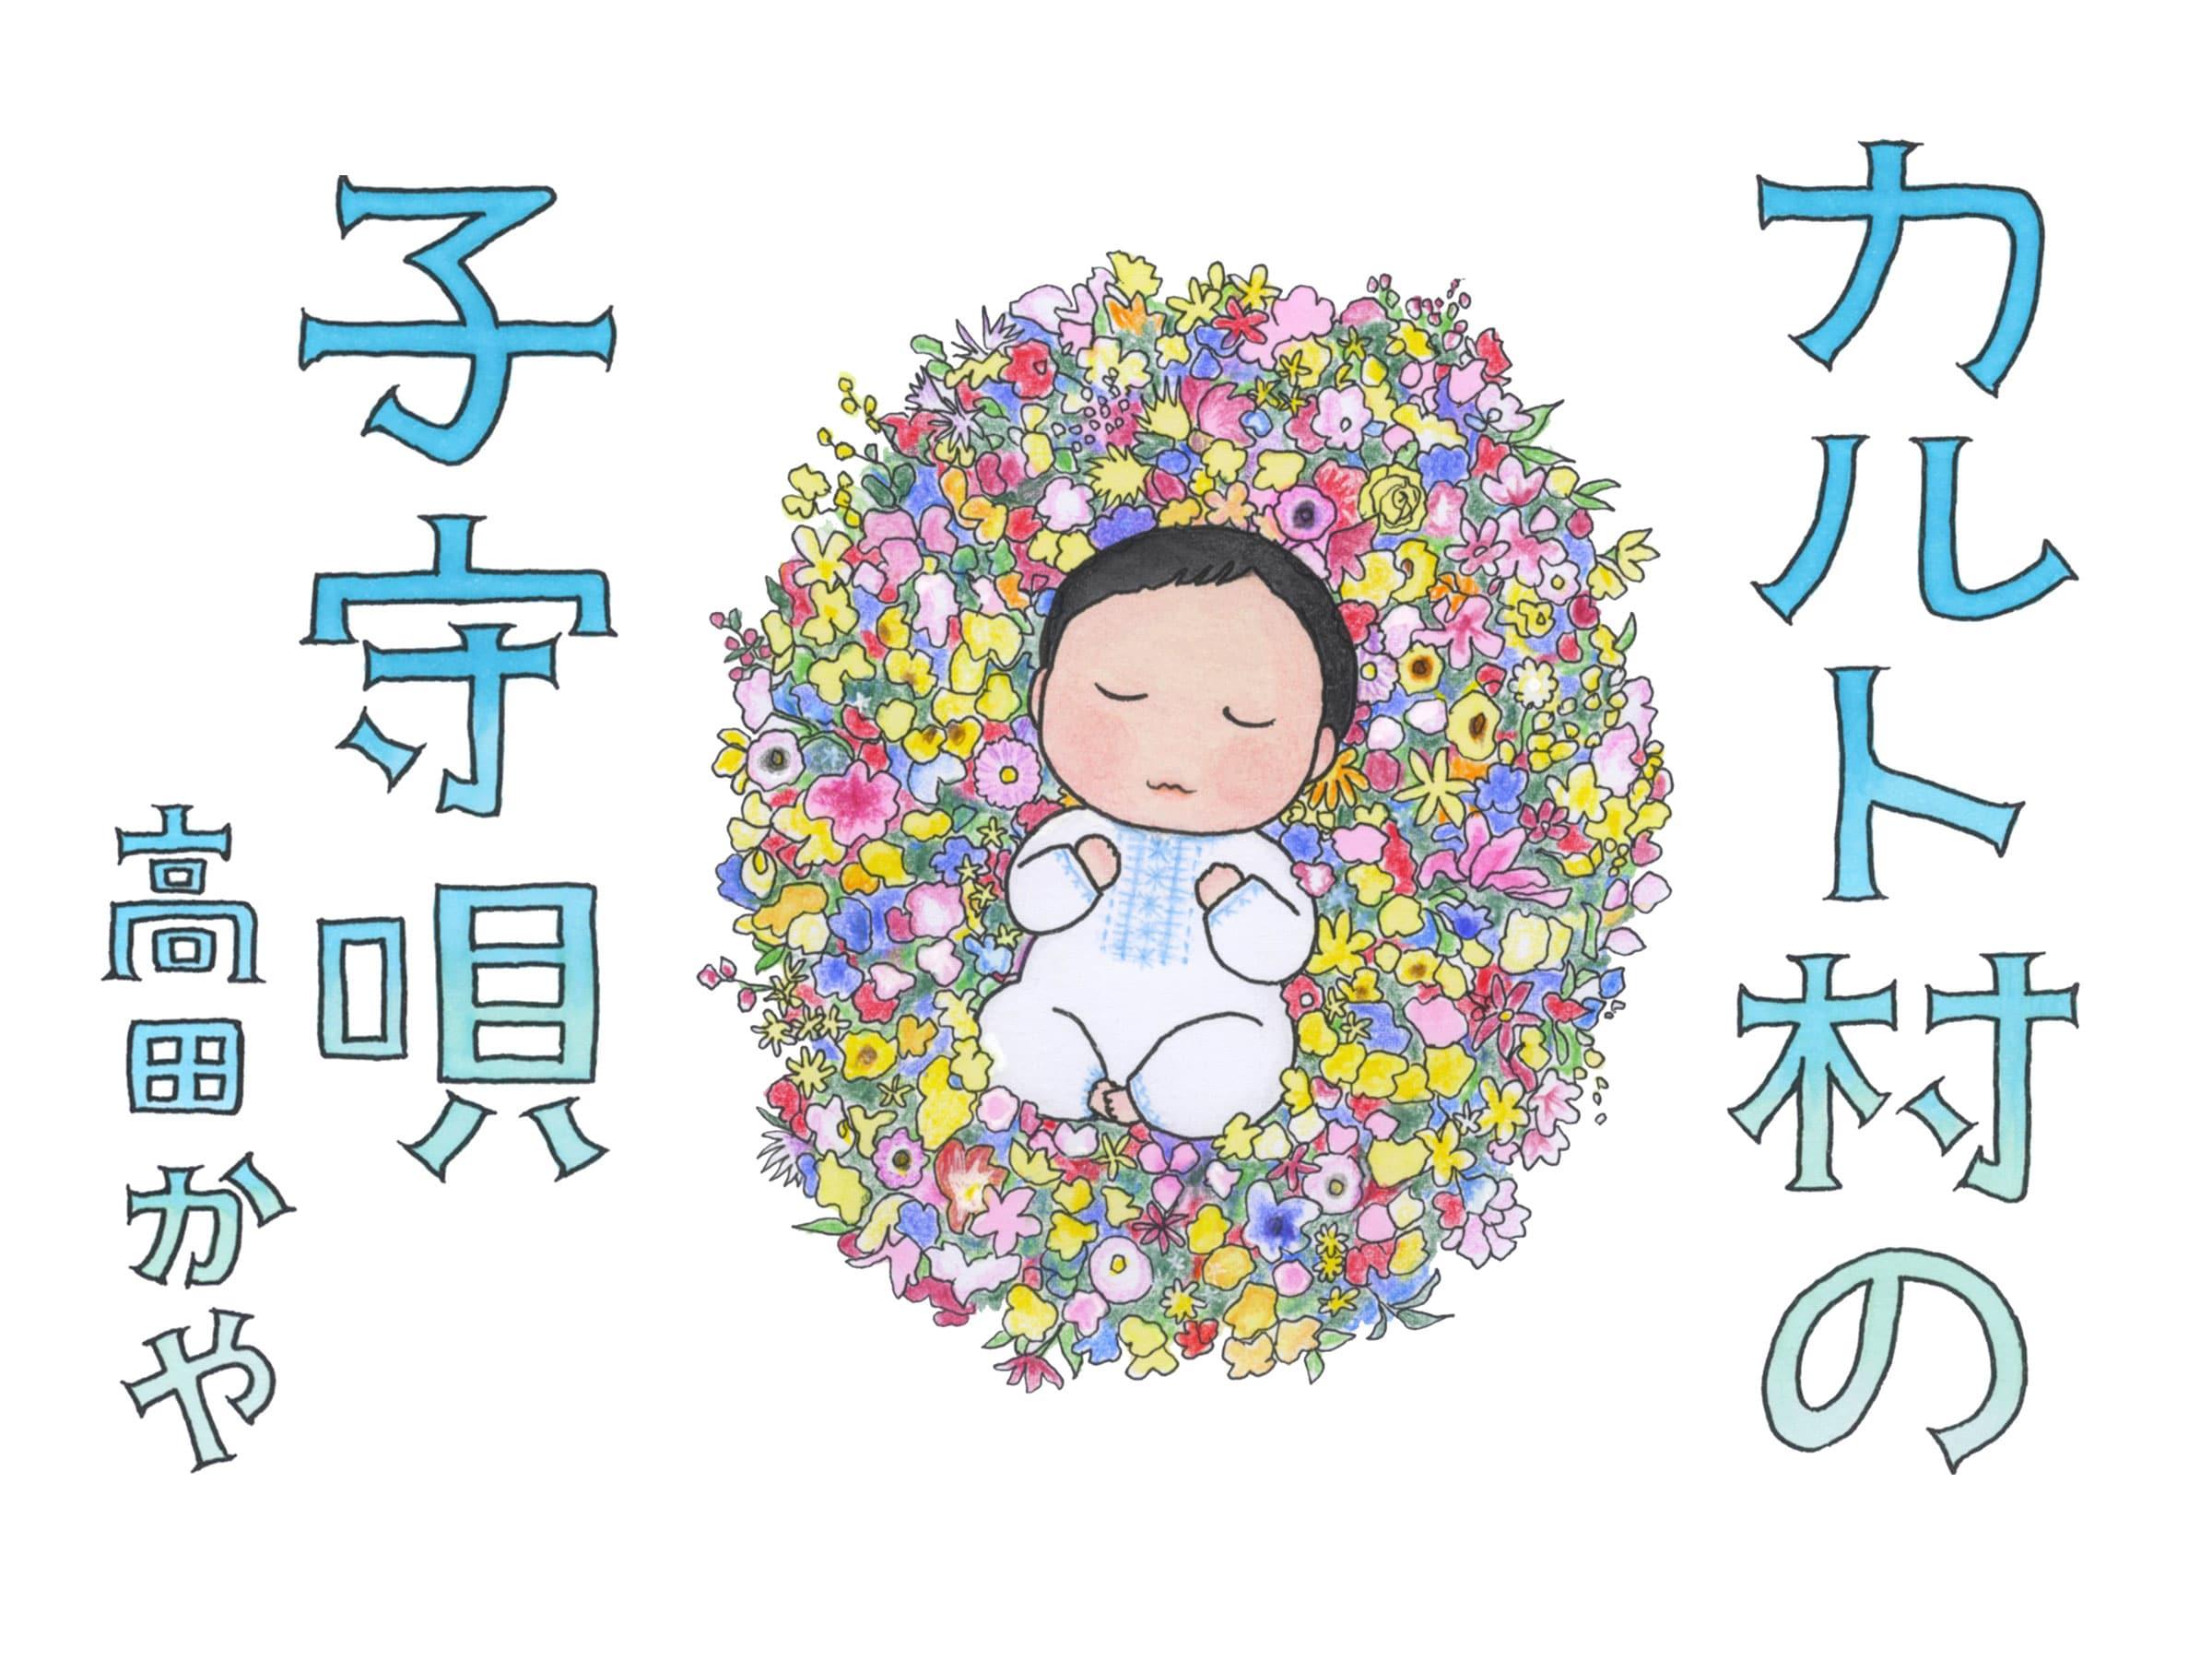 第4話 <br />保育所の春夏秋冬